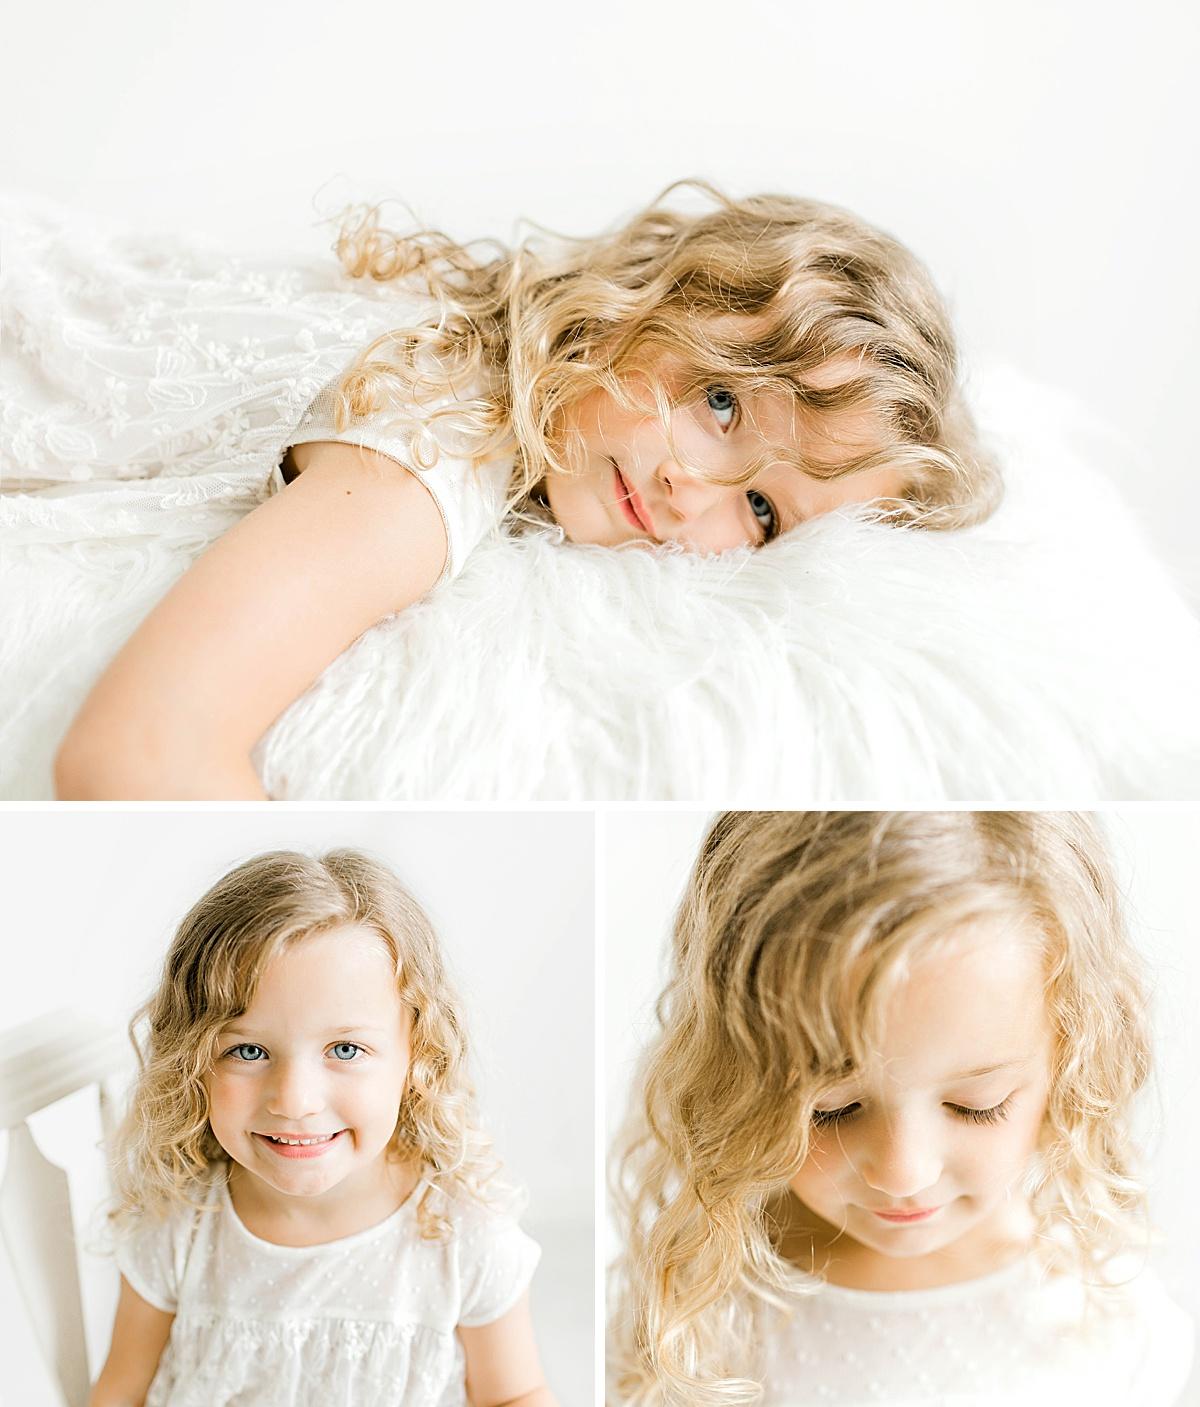 Toddler girl in white dress